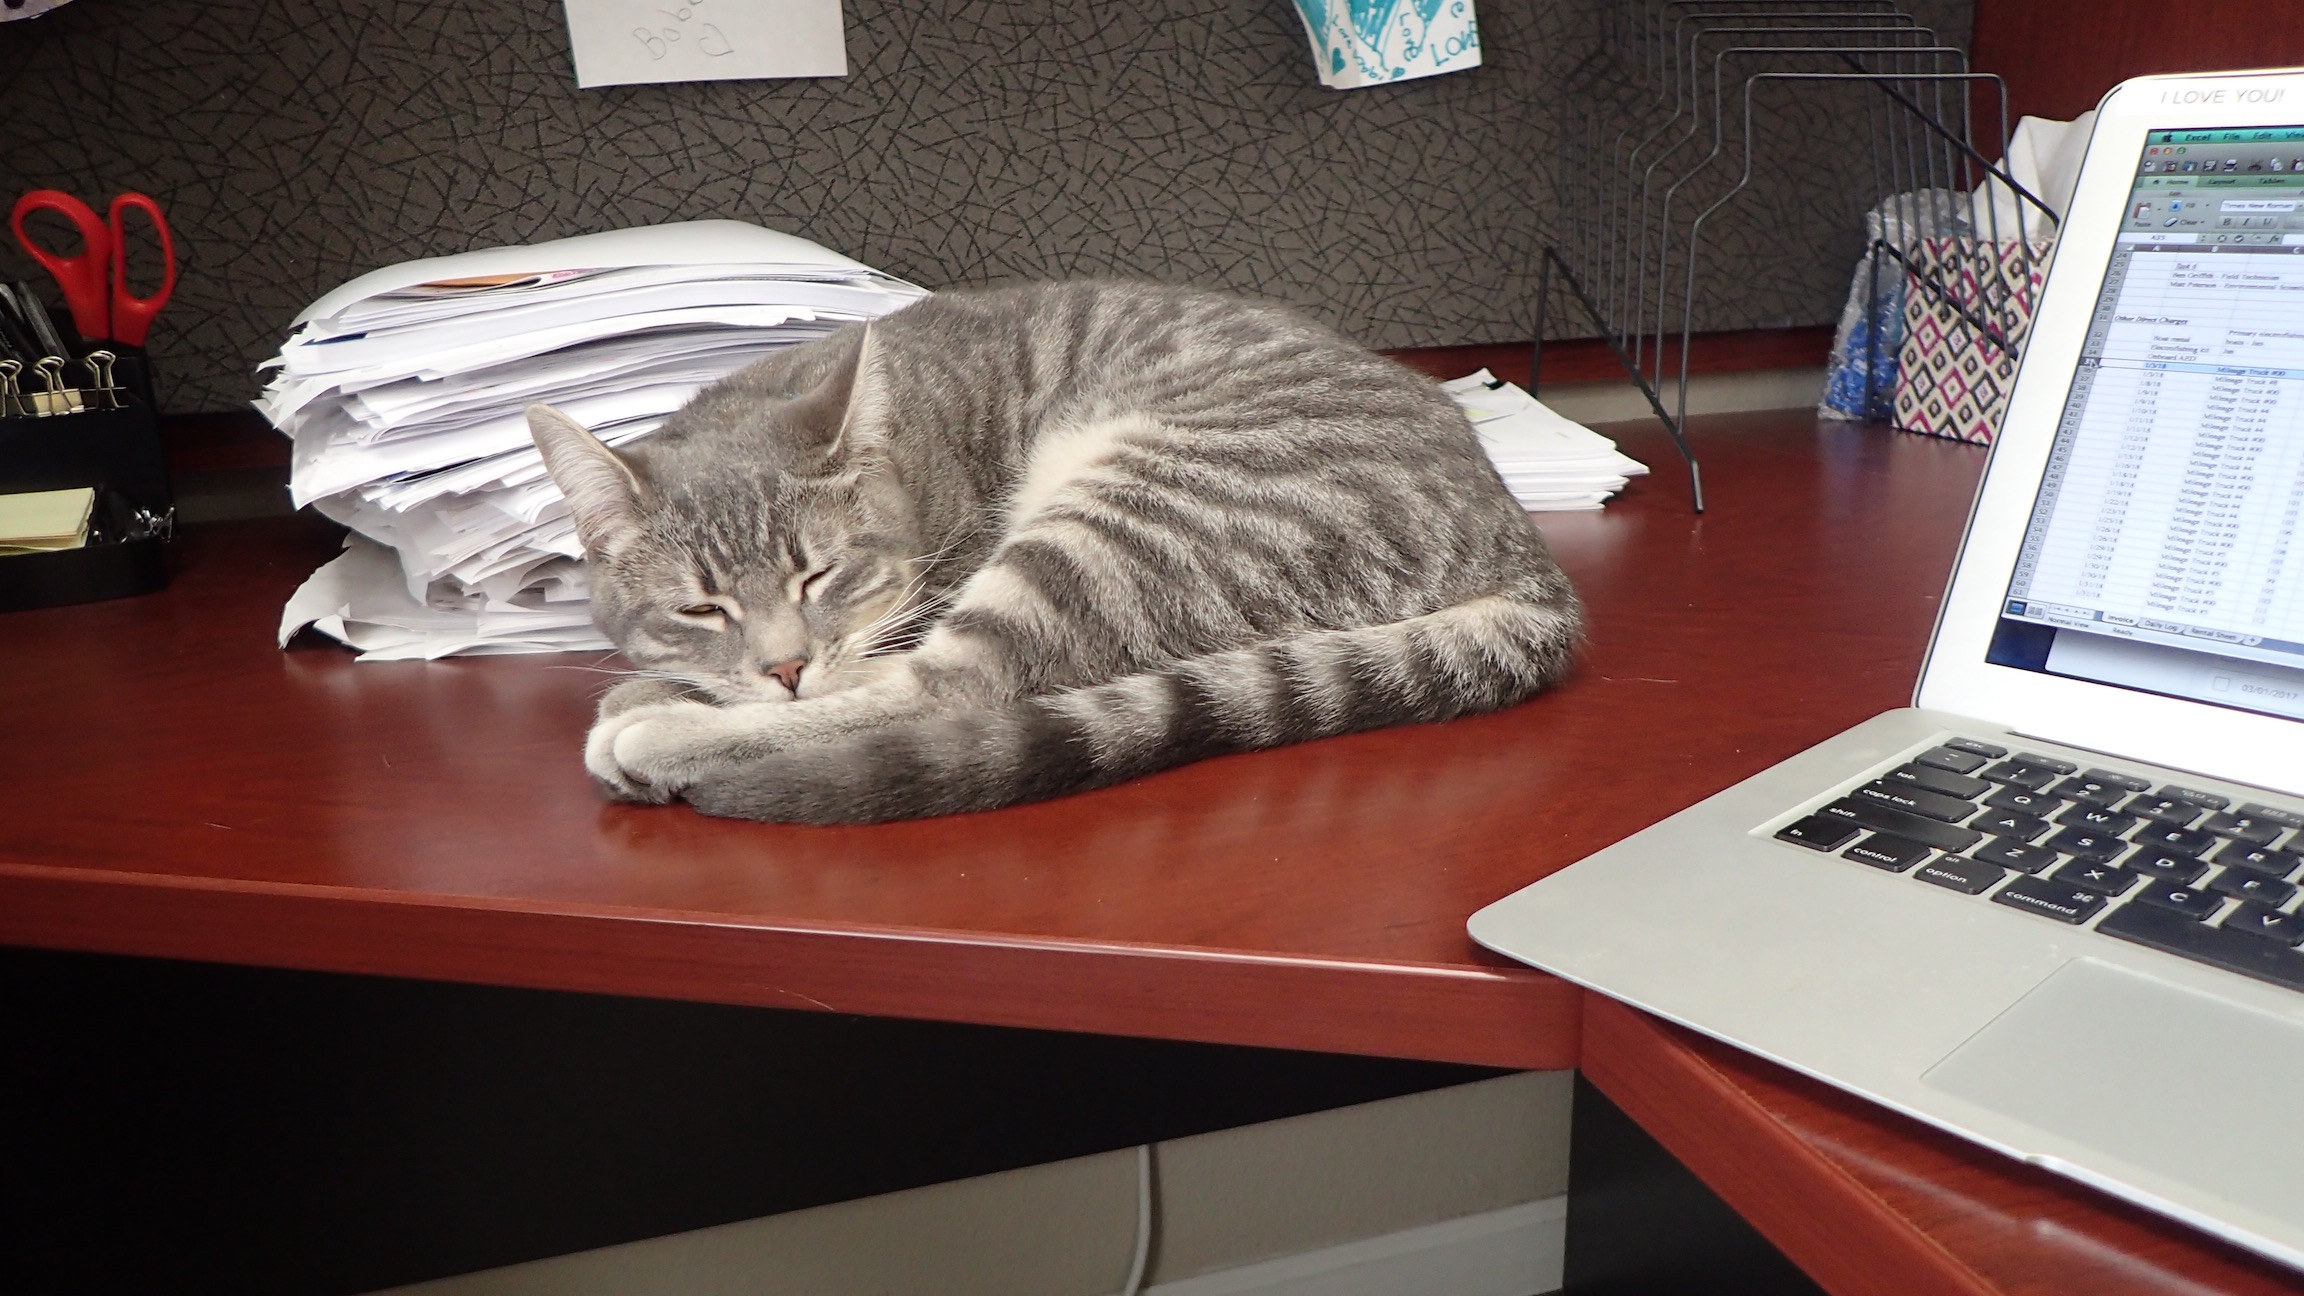 Mister kitten napping on desk